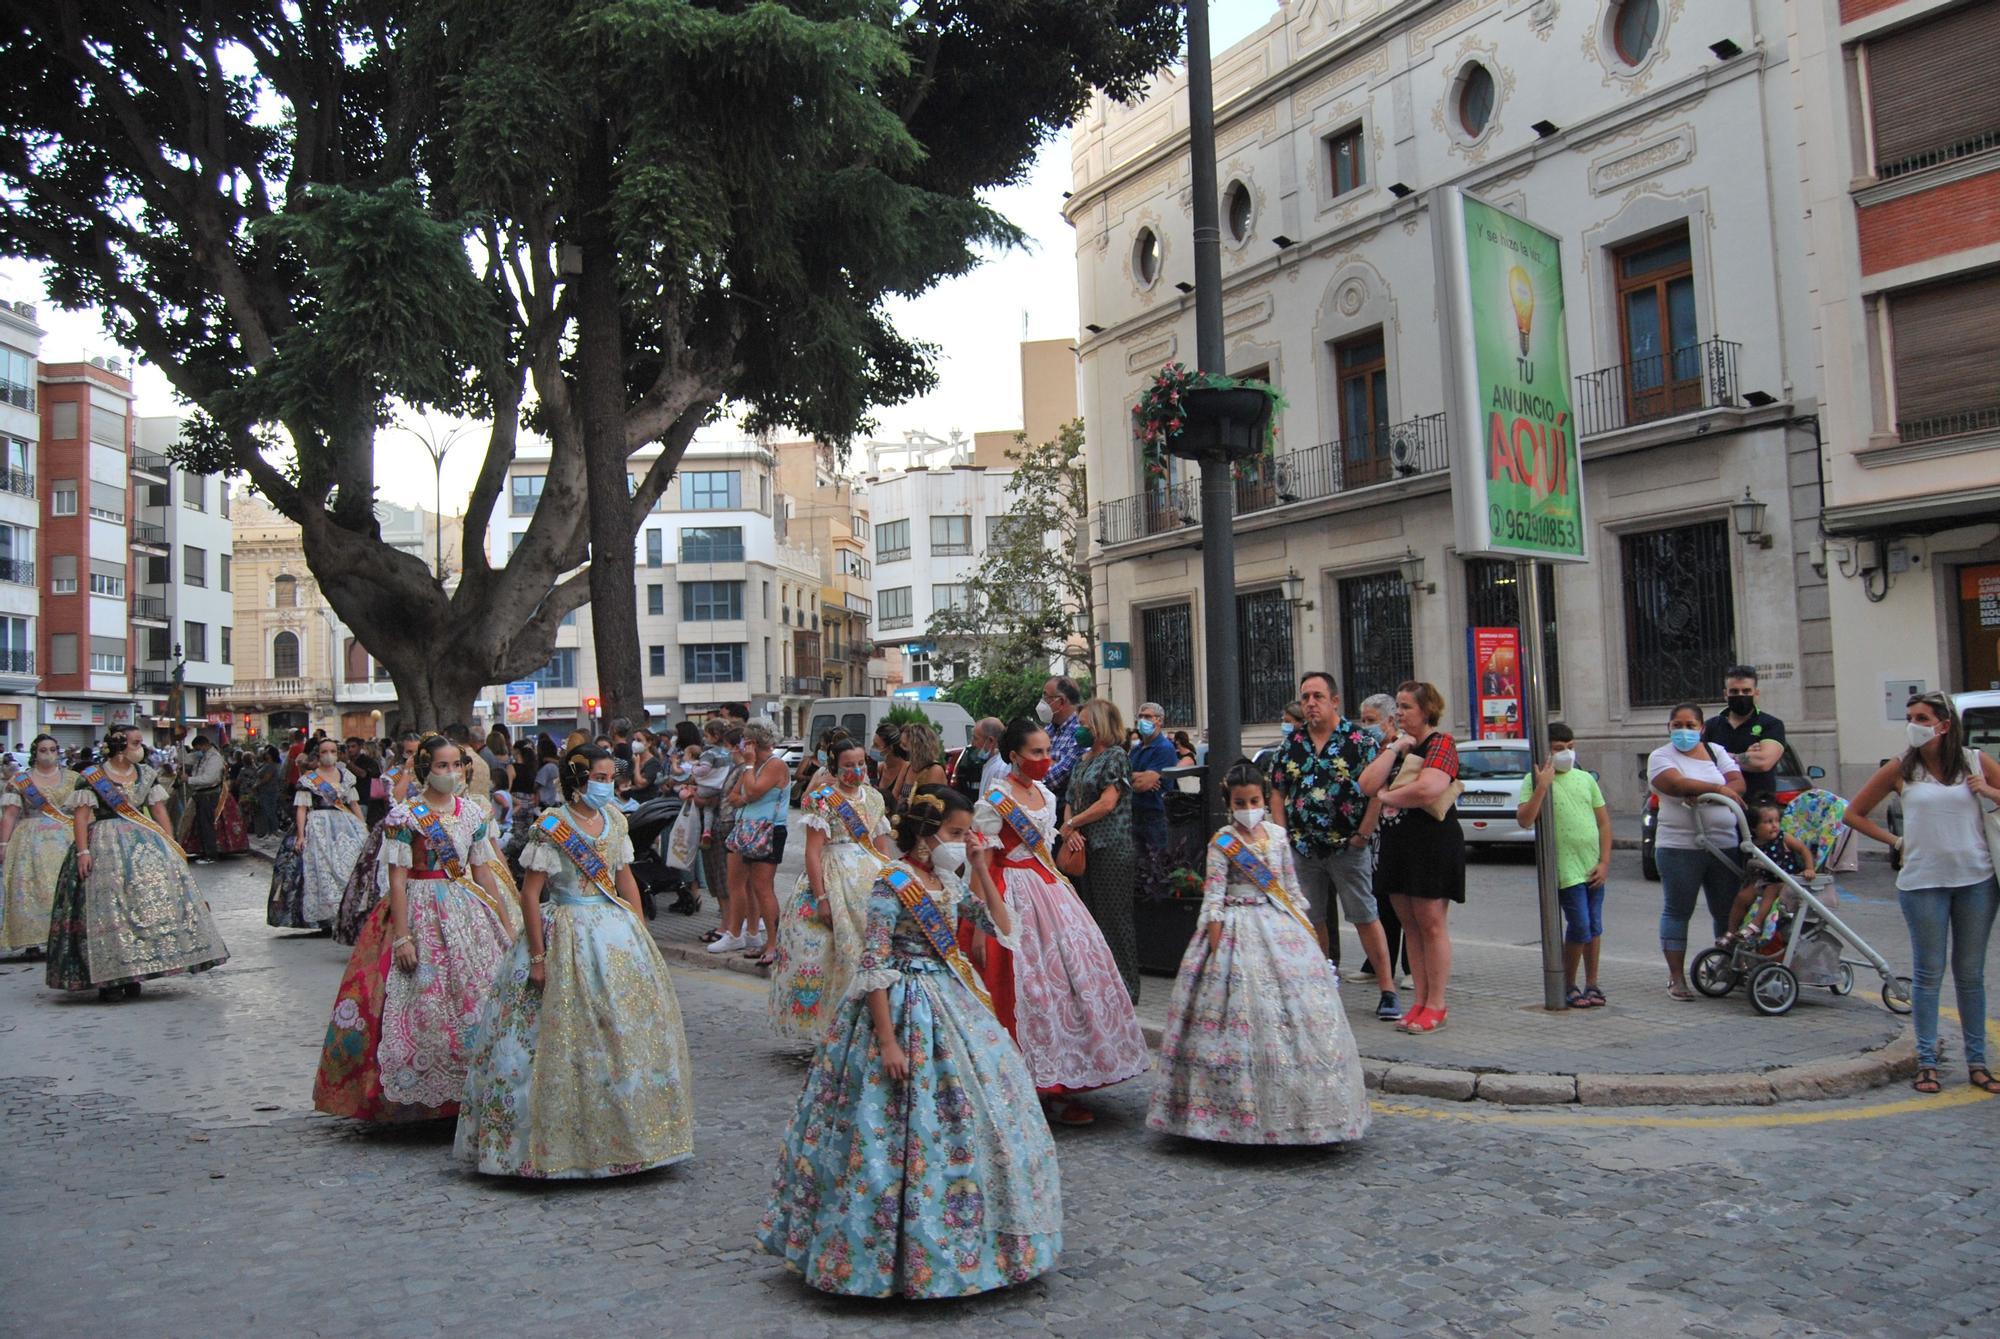 Acto de inauguración de las fiestas josefinas que se celebran del 8 al 12 de octubre en Burriana